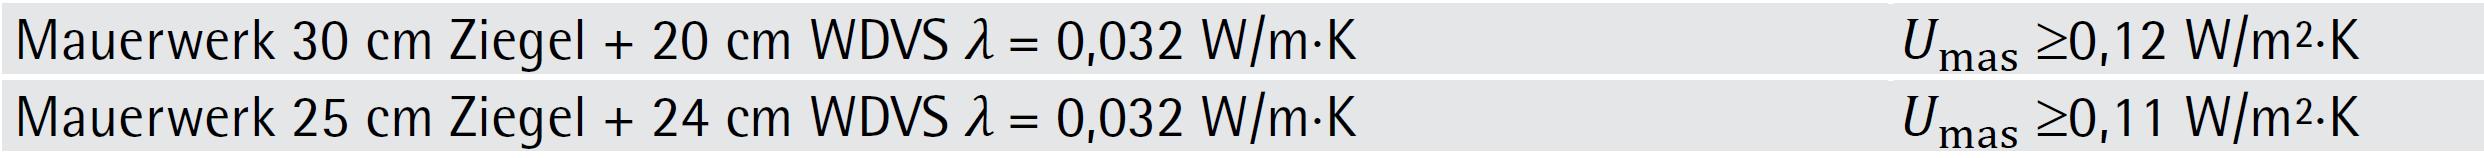 Typische U-Werte von Ziegel-Außenwänden mit Zusatzdämmung